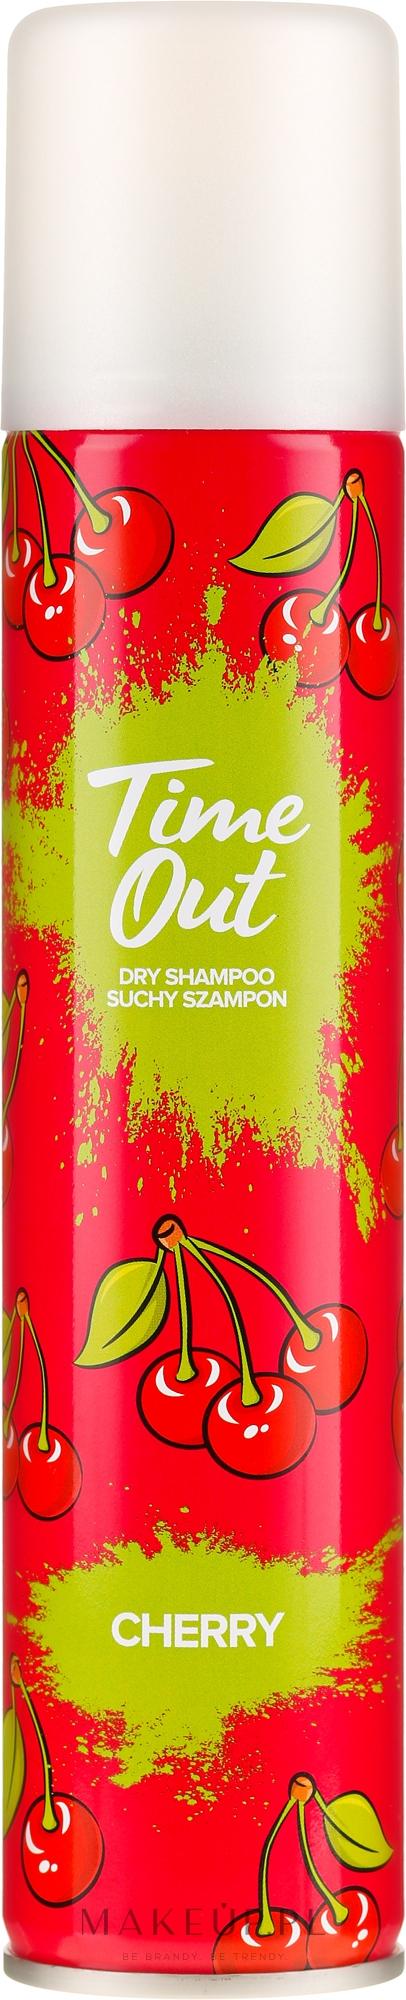 Suchy szampon do włosów Wiśnia - Time Out — фото 200 ml